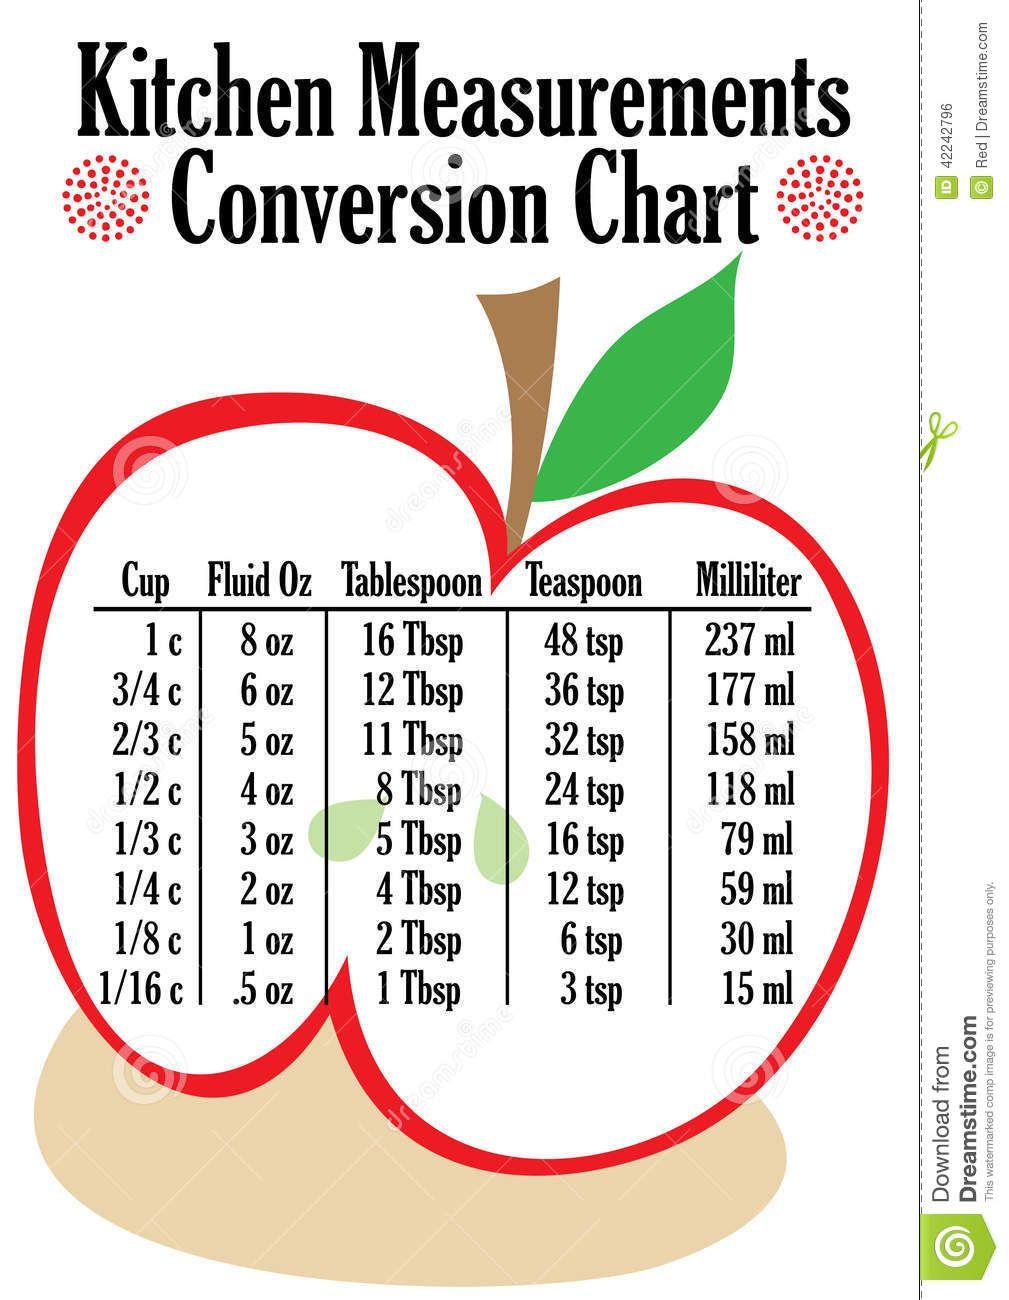 Cup Measurement Chart Conversion Chart For Kitchen Measurements